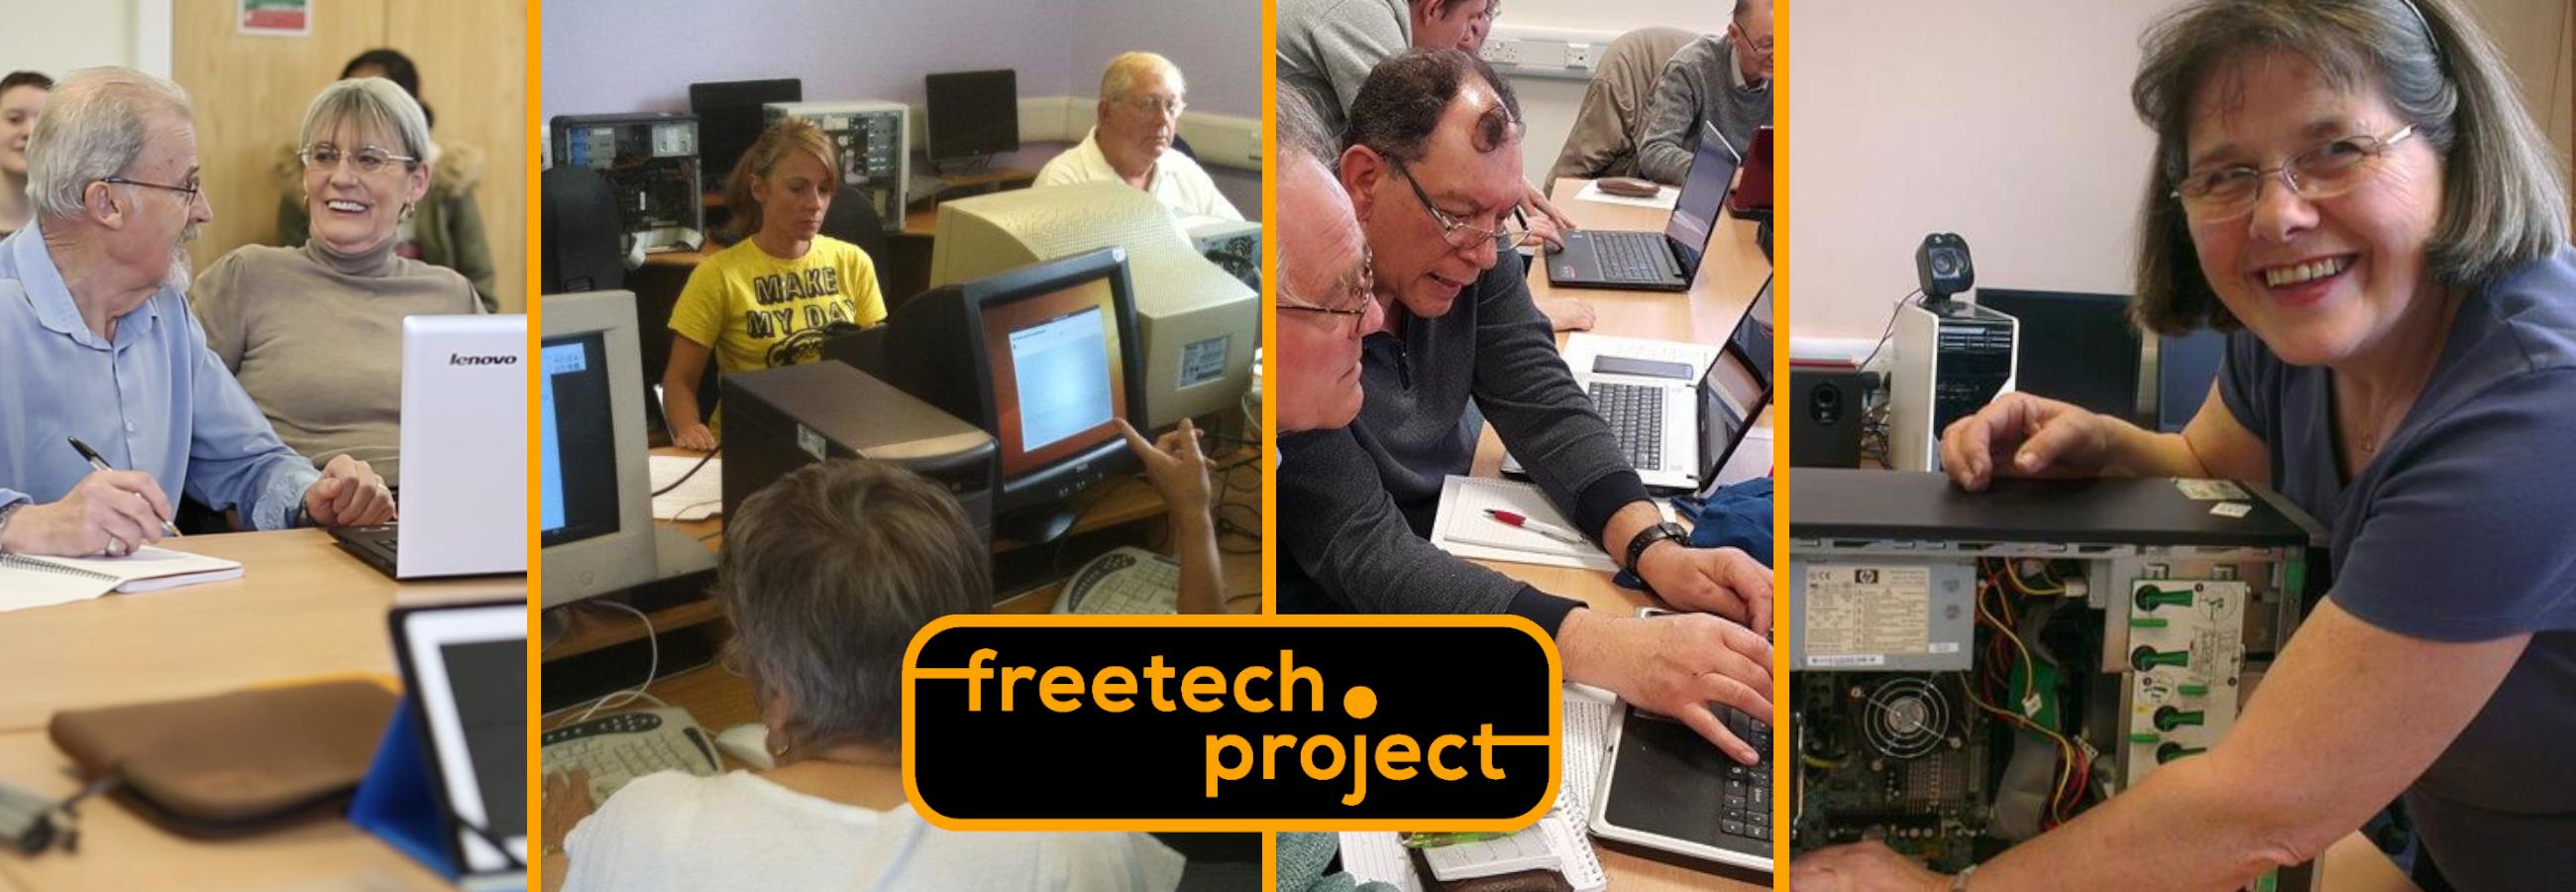 FreeTech Project